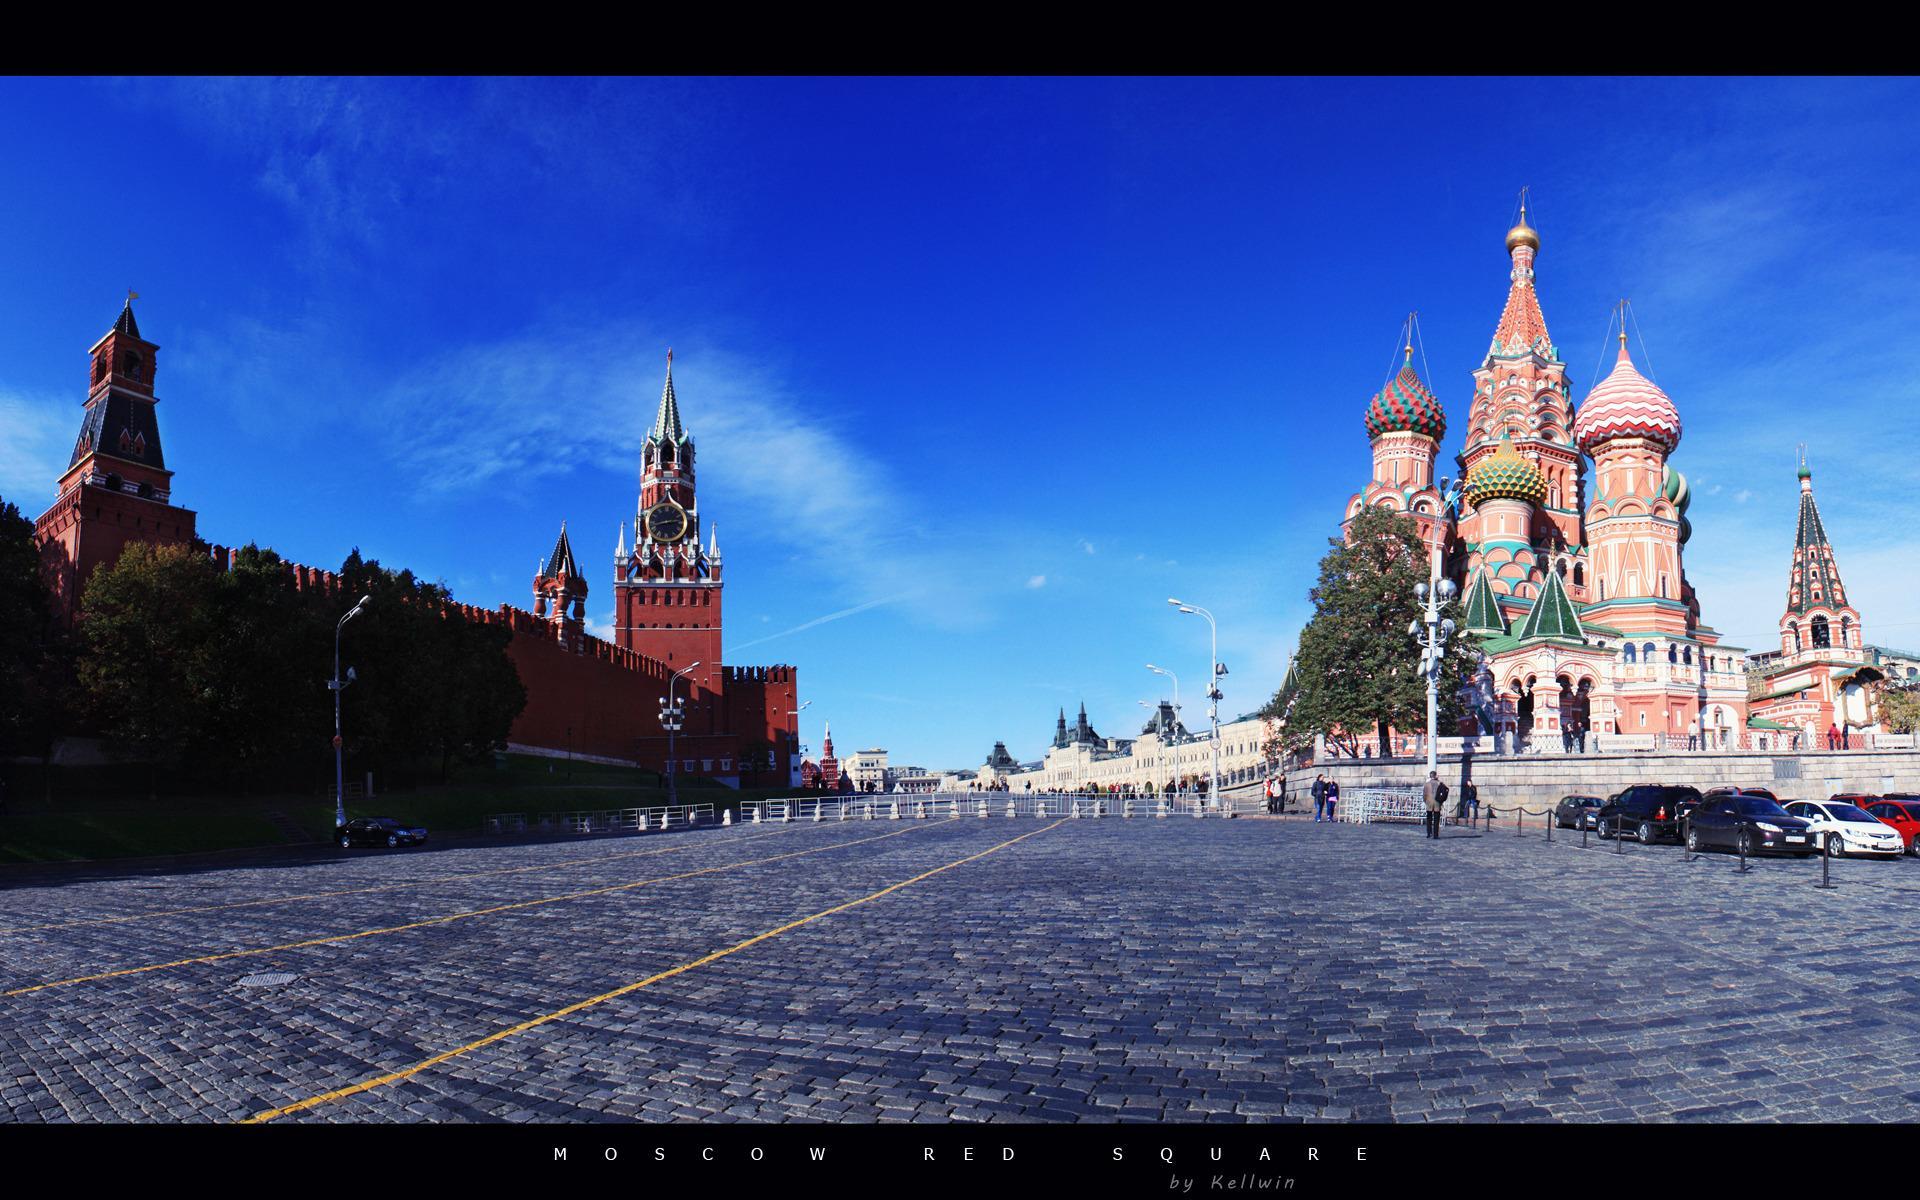 Москва обои на рабочий стол скачать бесплатно 18